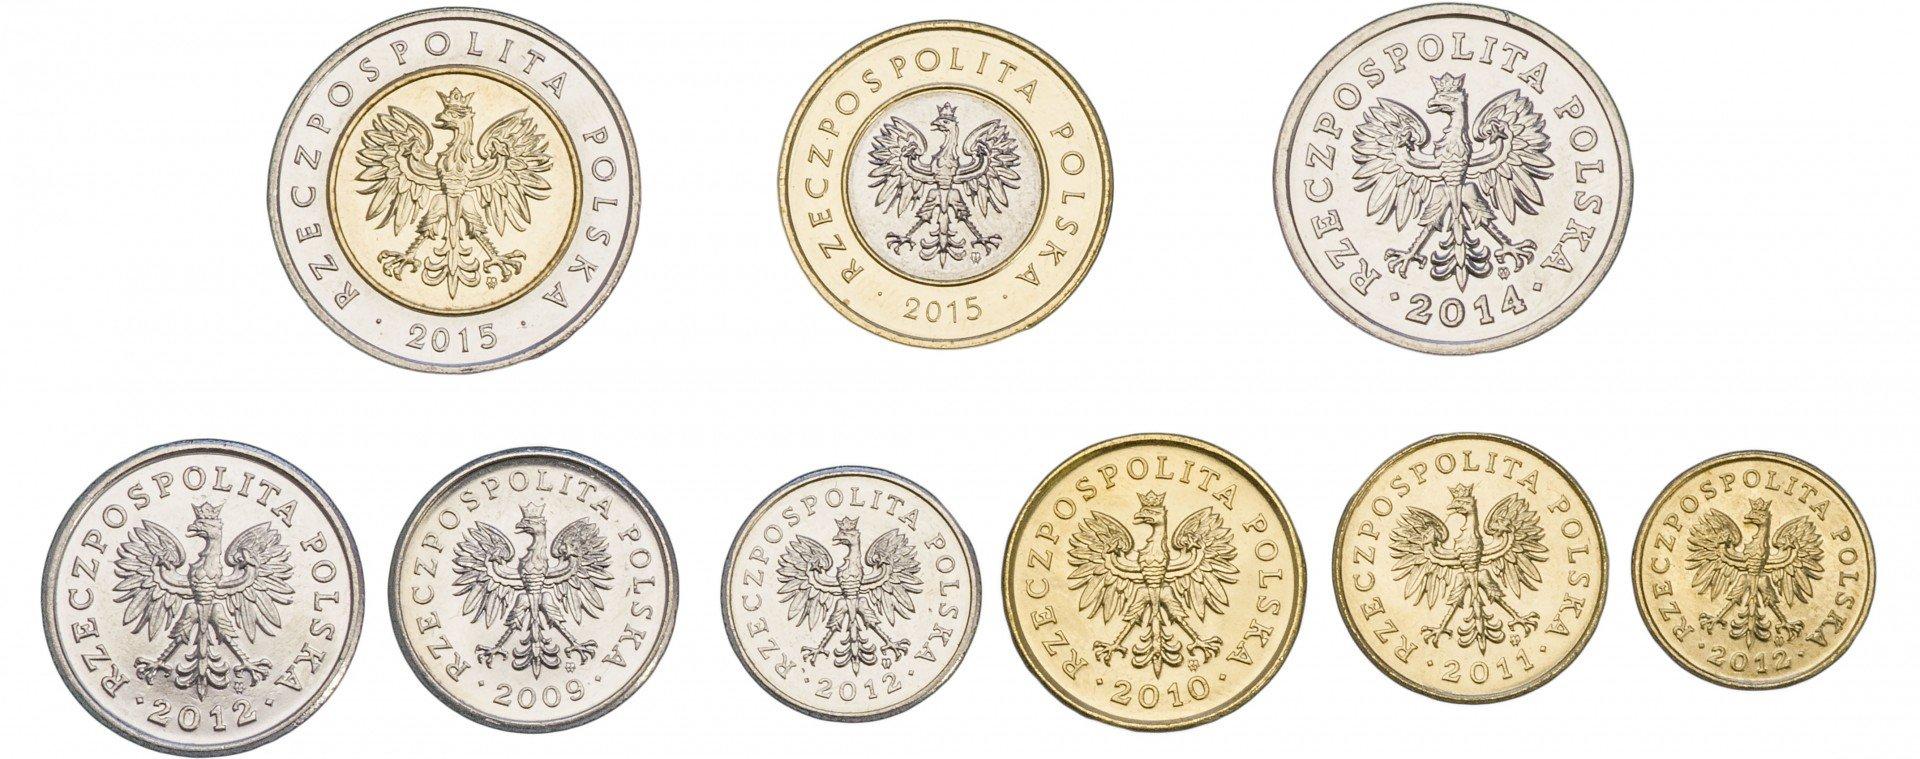 Весь набор монет польши светлана сухорукова козельск